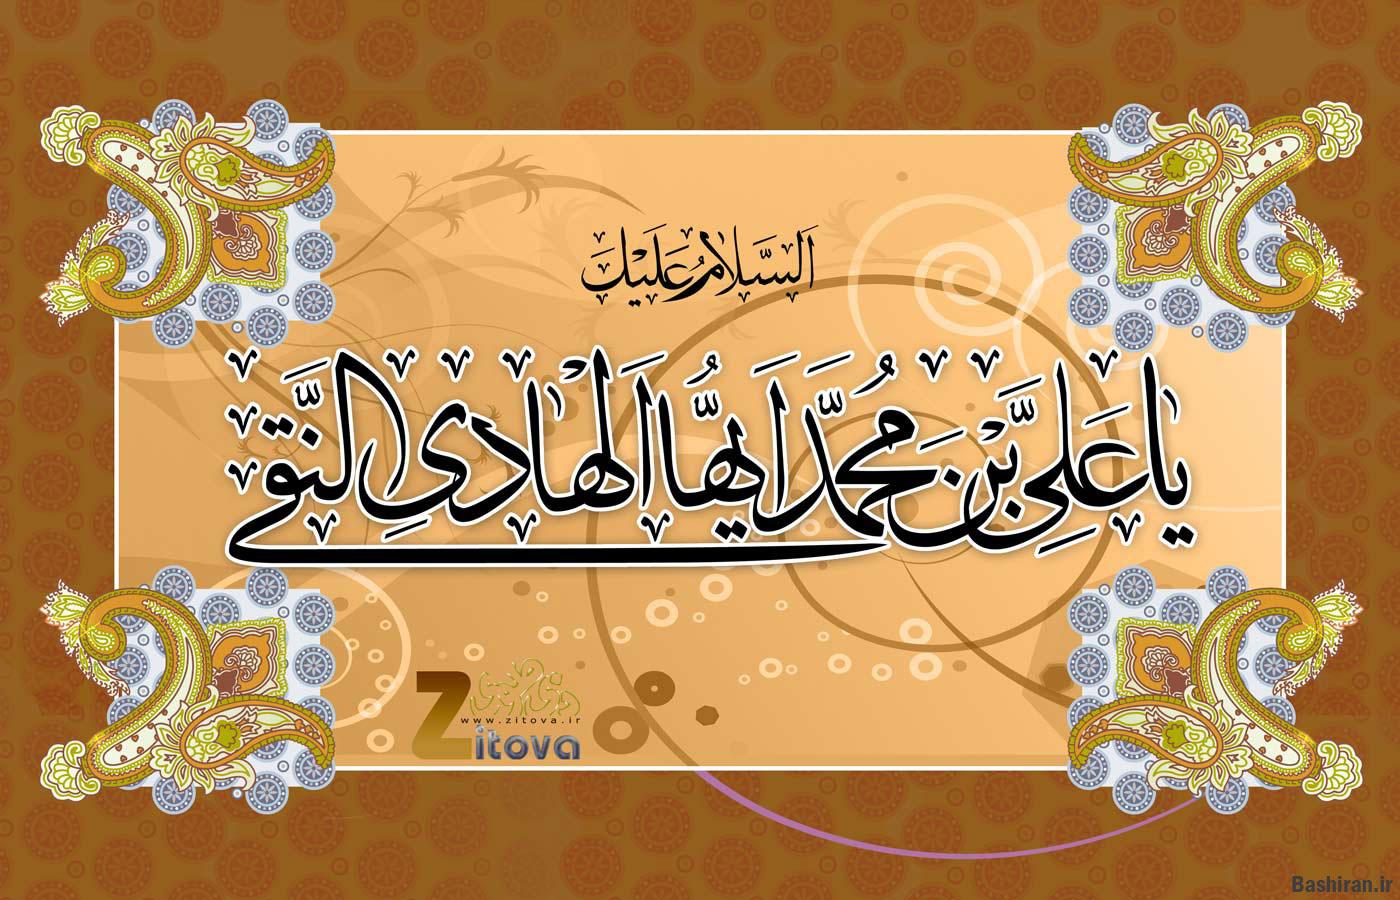 عکس باکیفیت مذهبی  والپیپرهای ولادت امام هادی (ع)  wallpaper